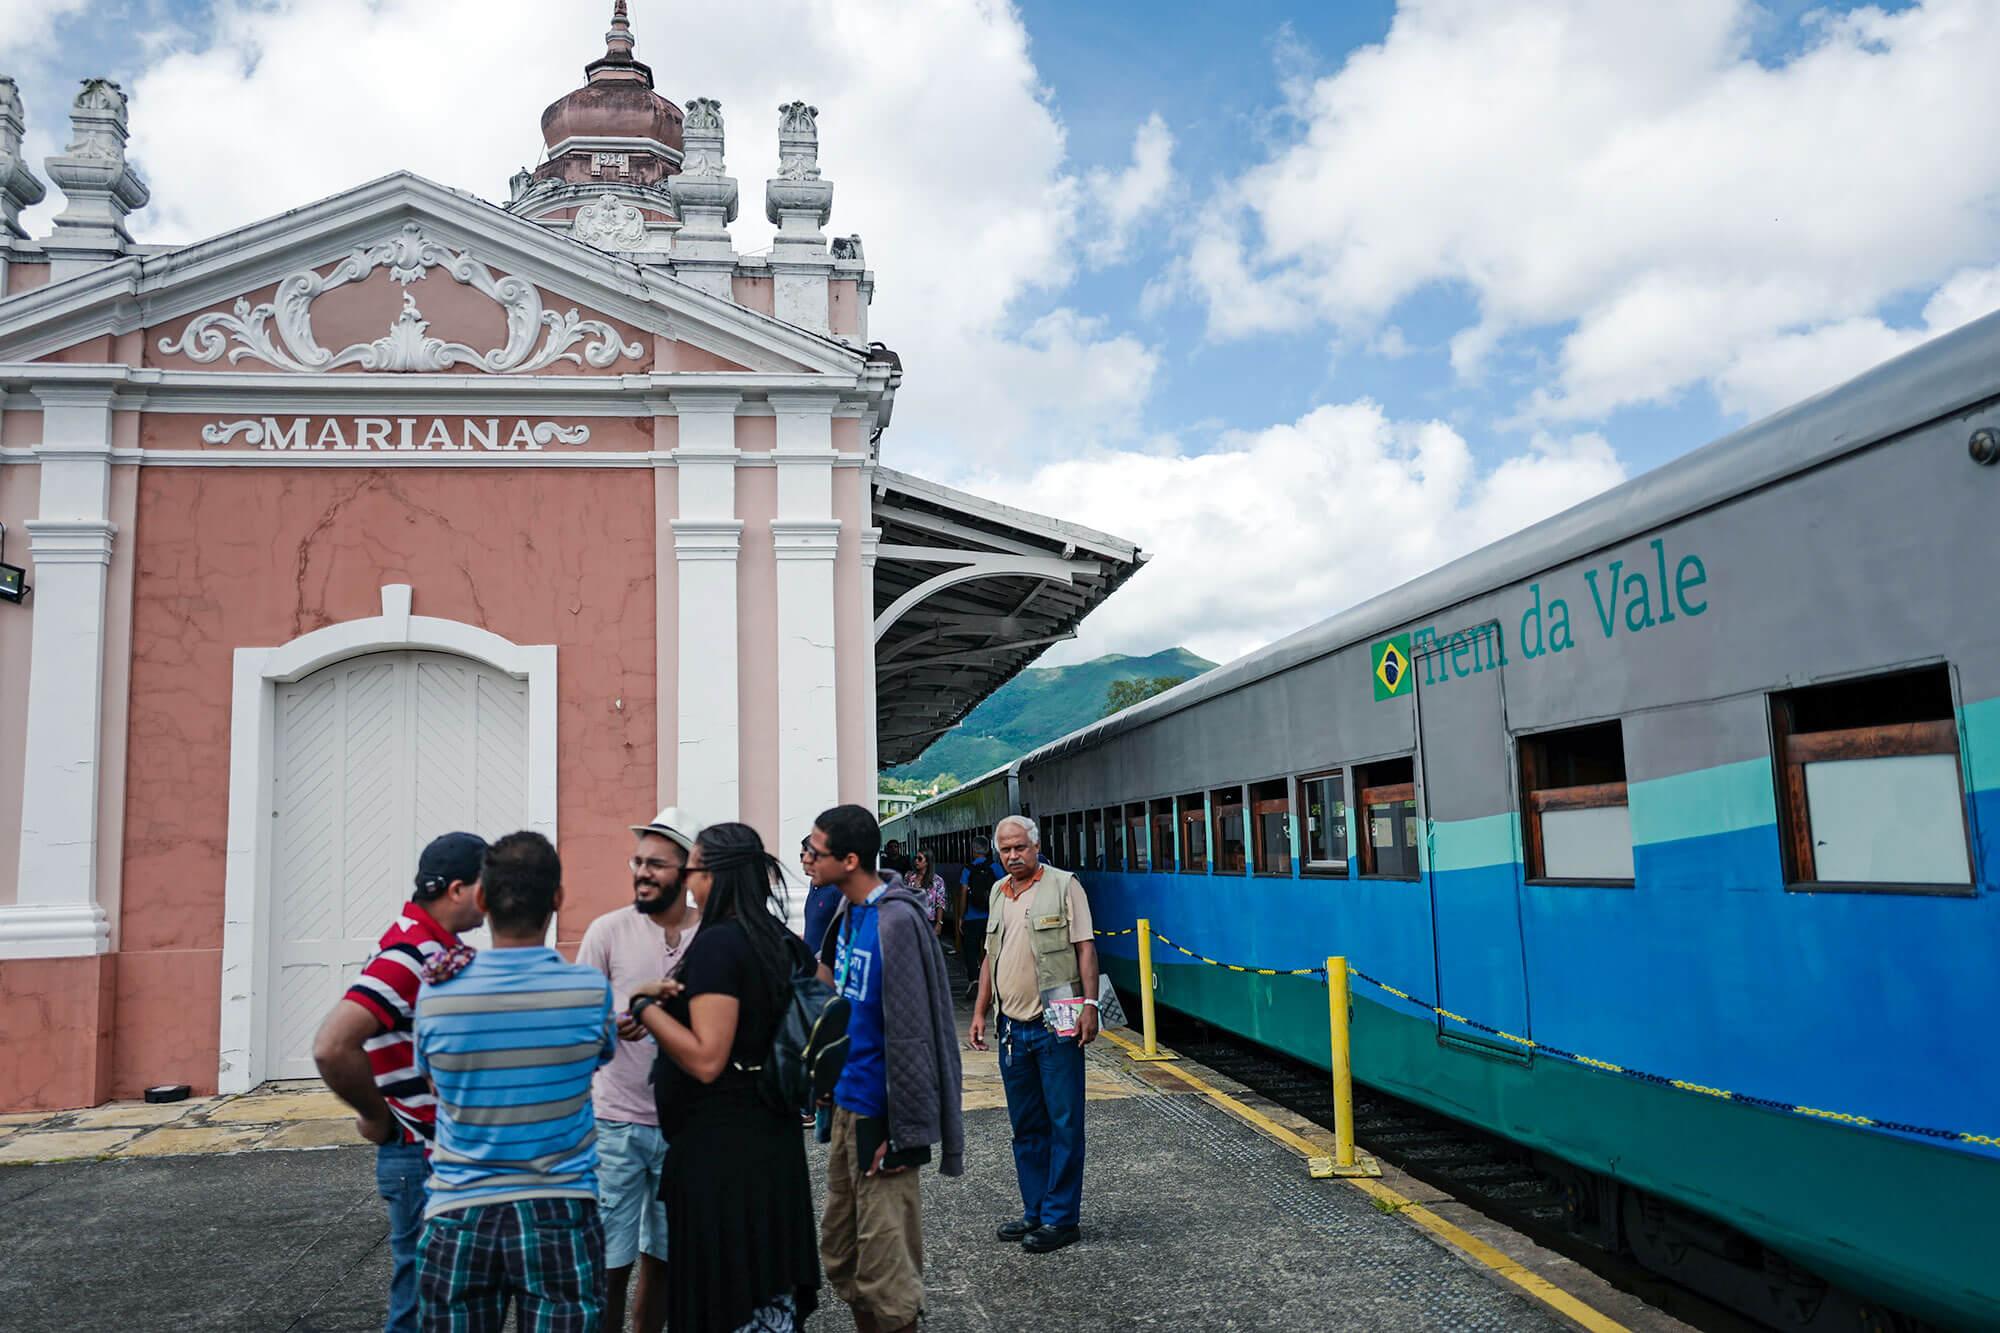 Mariana Railway Station